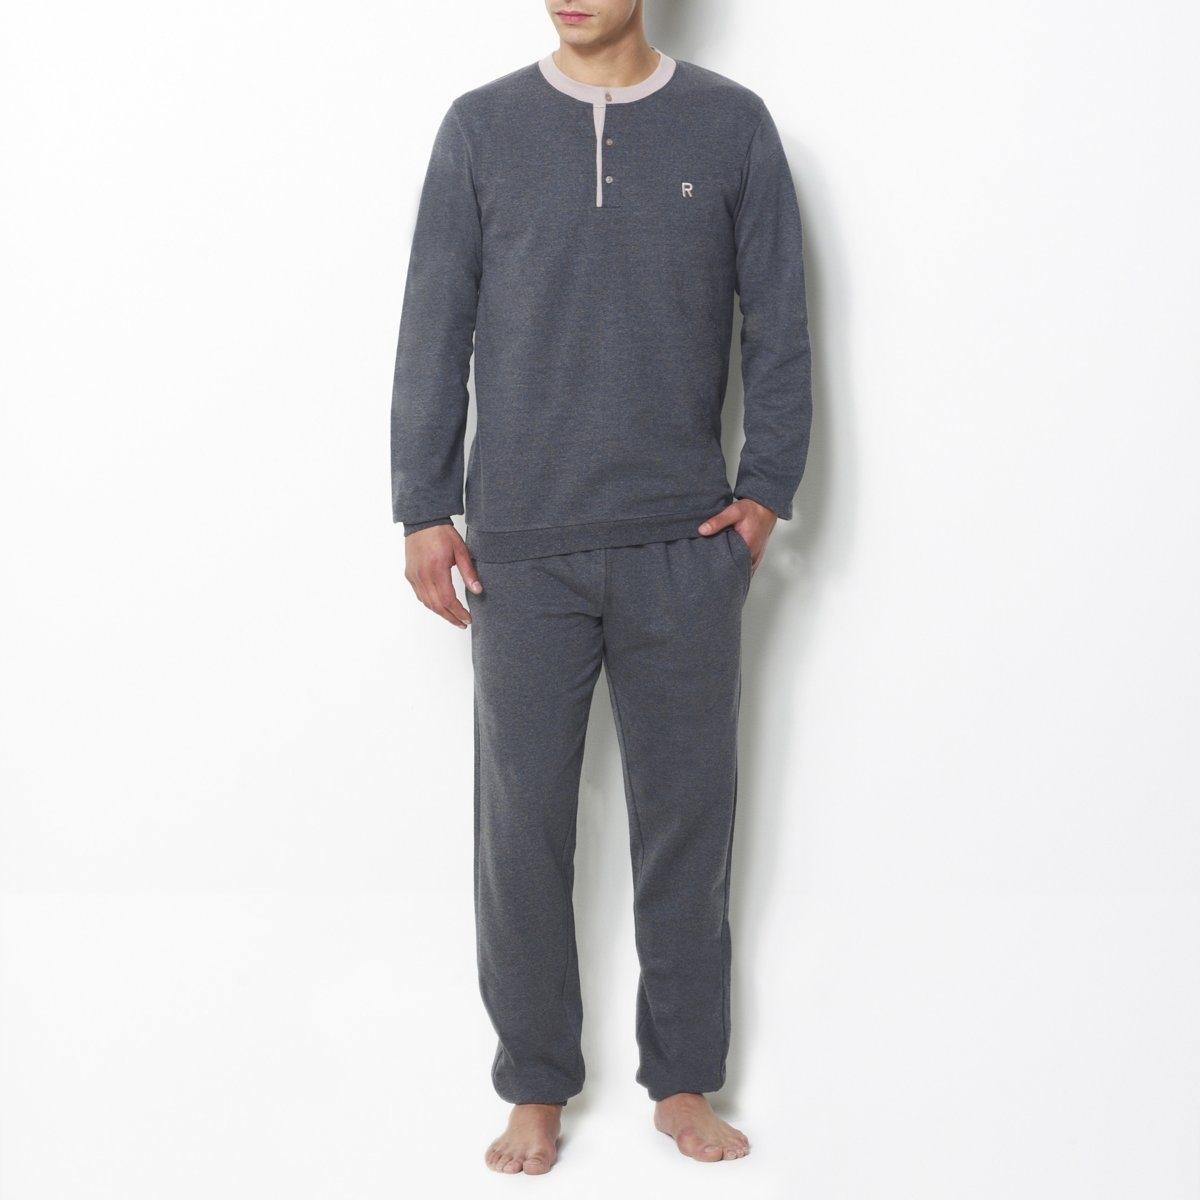 Пижама из мольтона*Международный знак Oeko-Tex гарантирует отсутствие вредных или раздражающих кожу веществ<br><br>Цвет: темно-серый меланж<br>Размер: L.XL